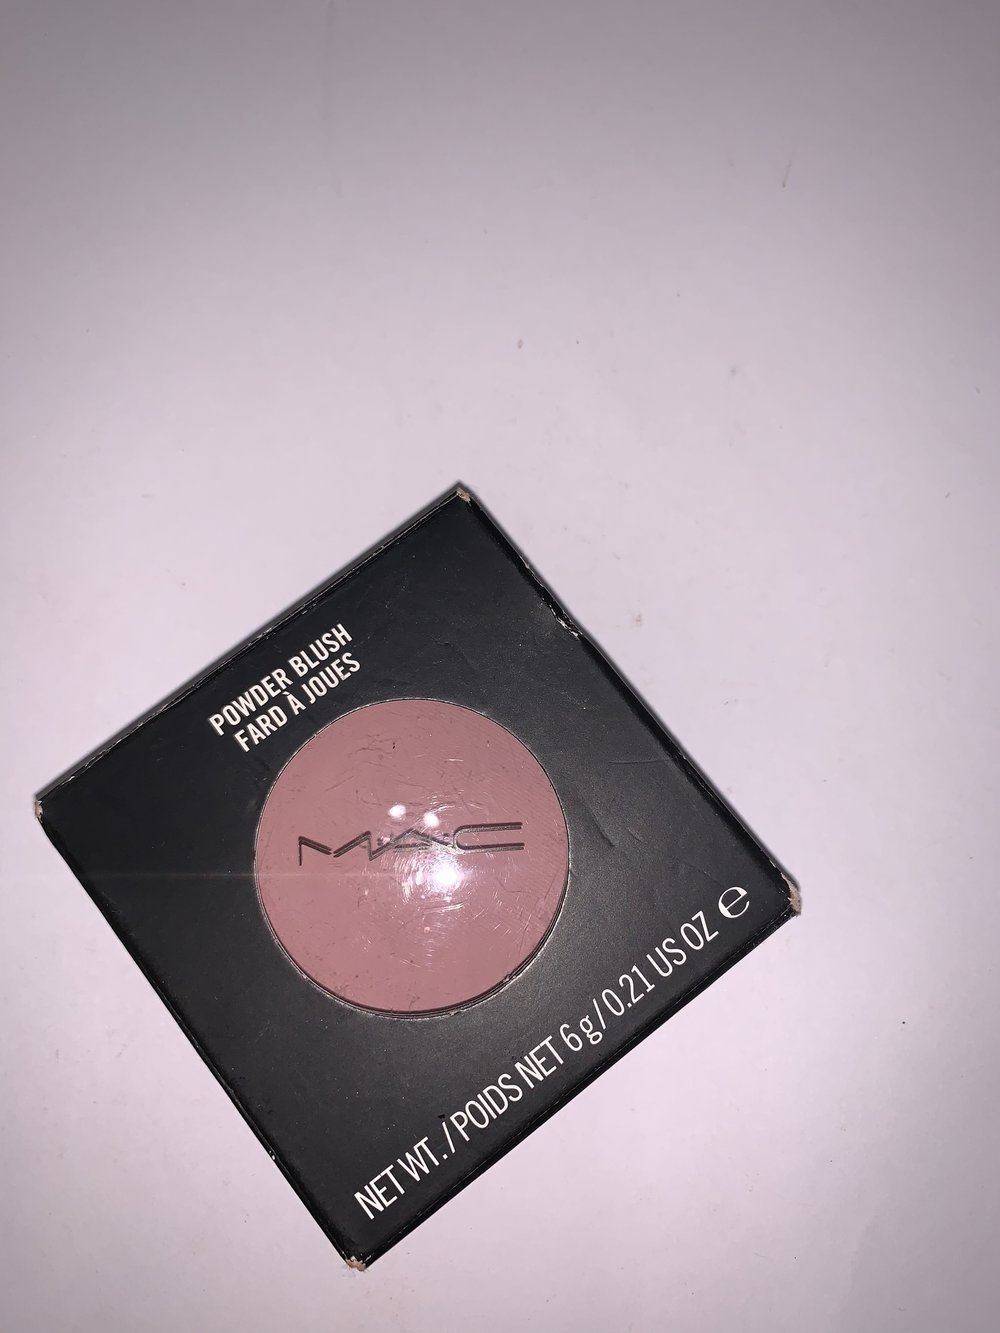 MAC Pink crush blush-$8